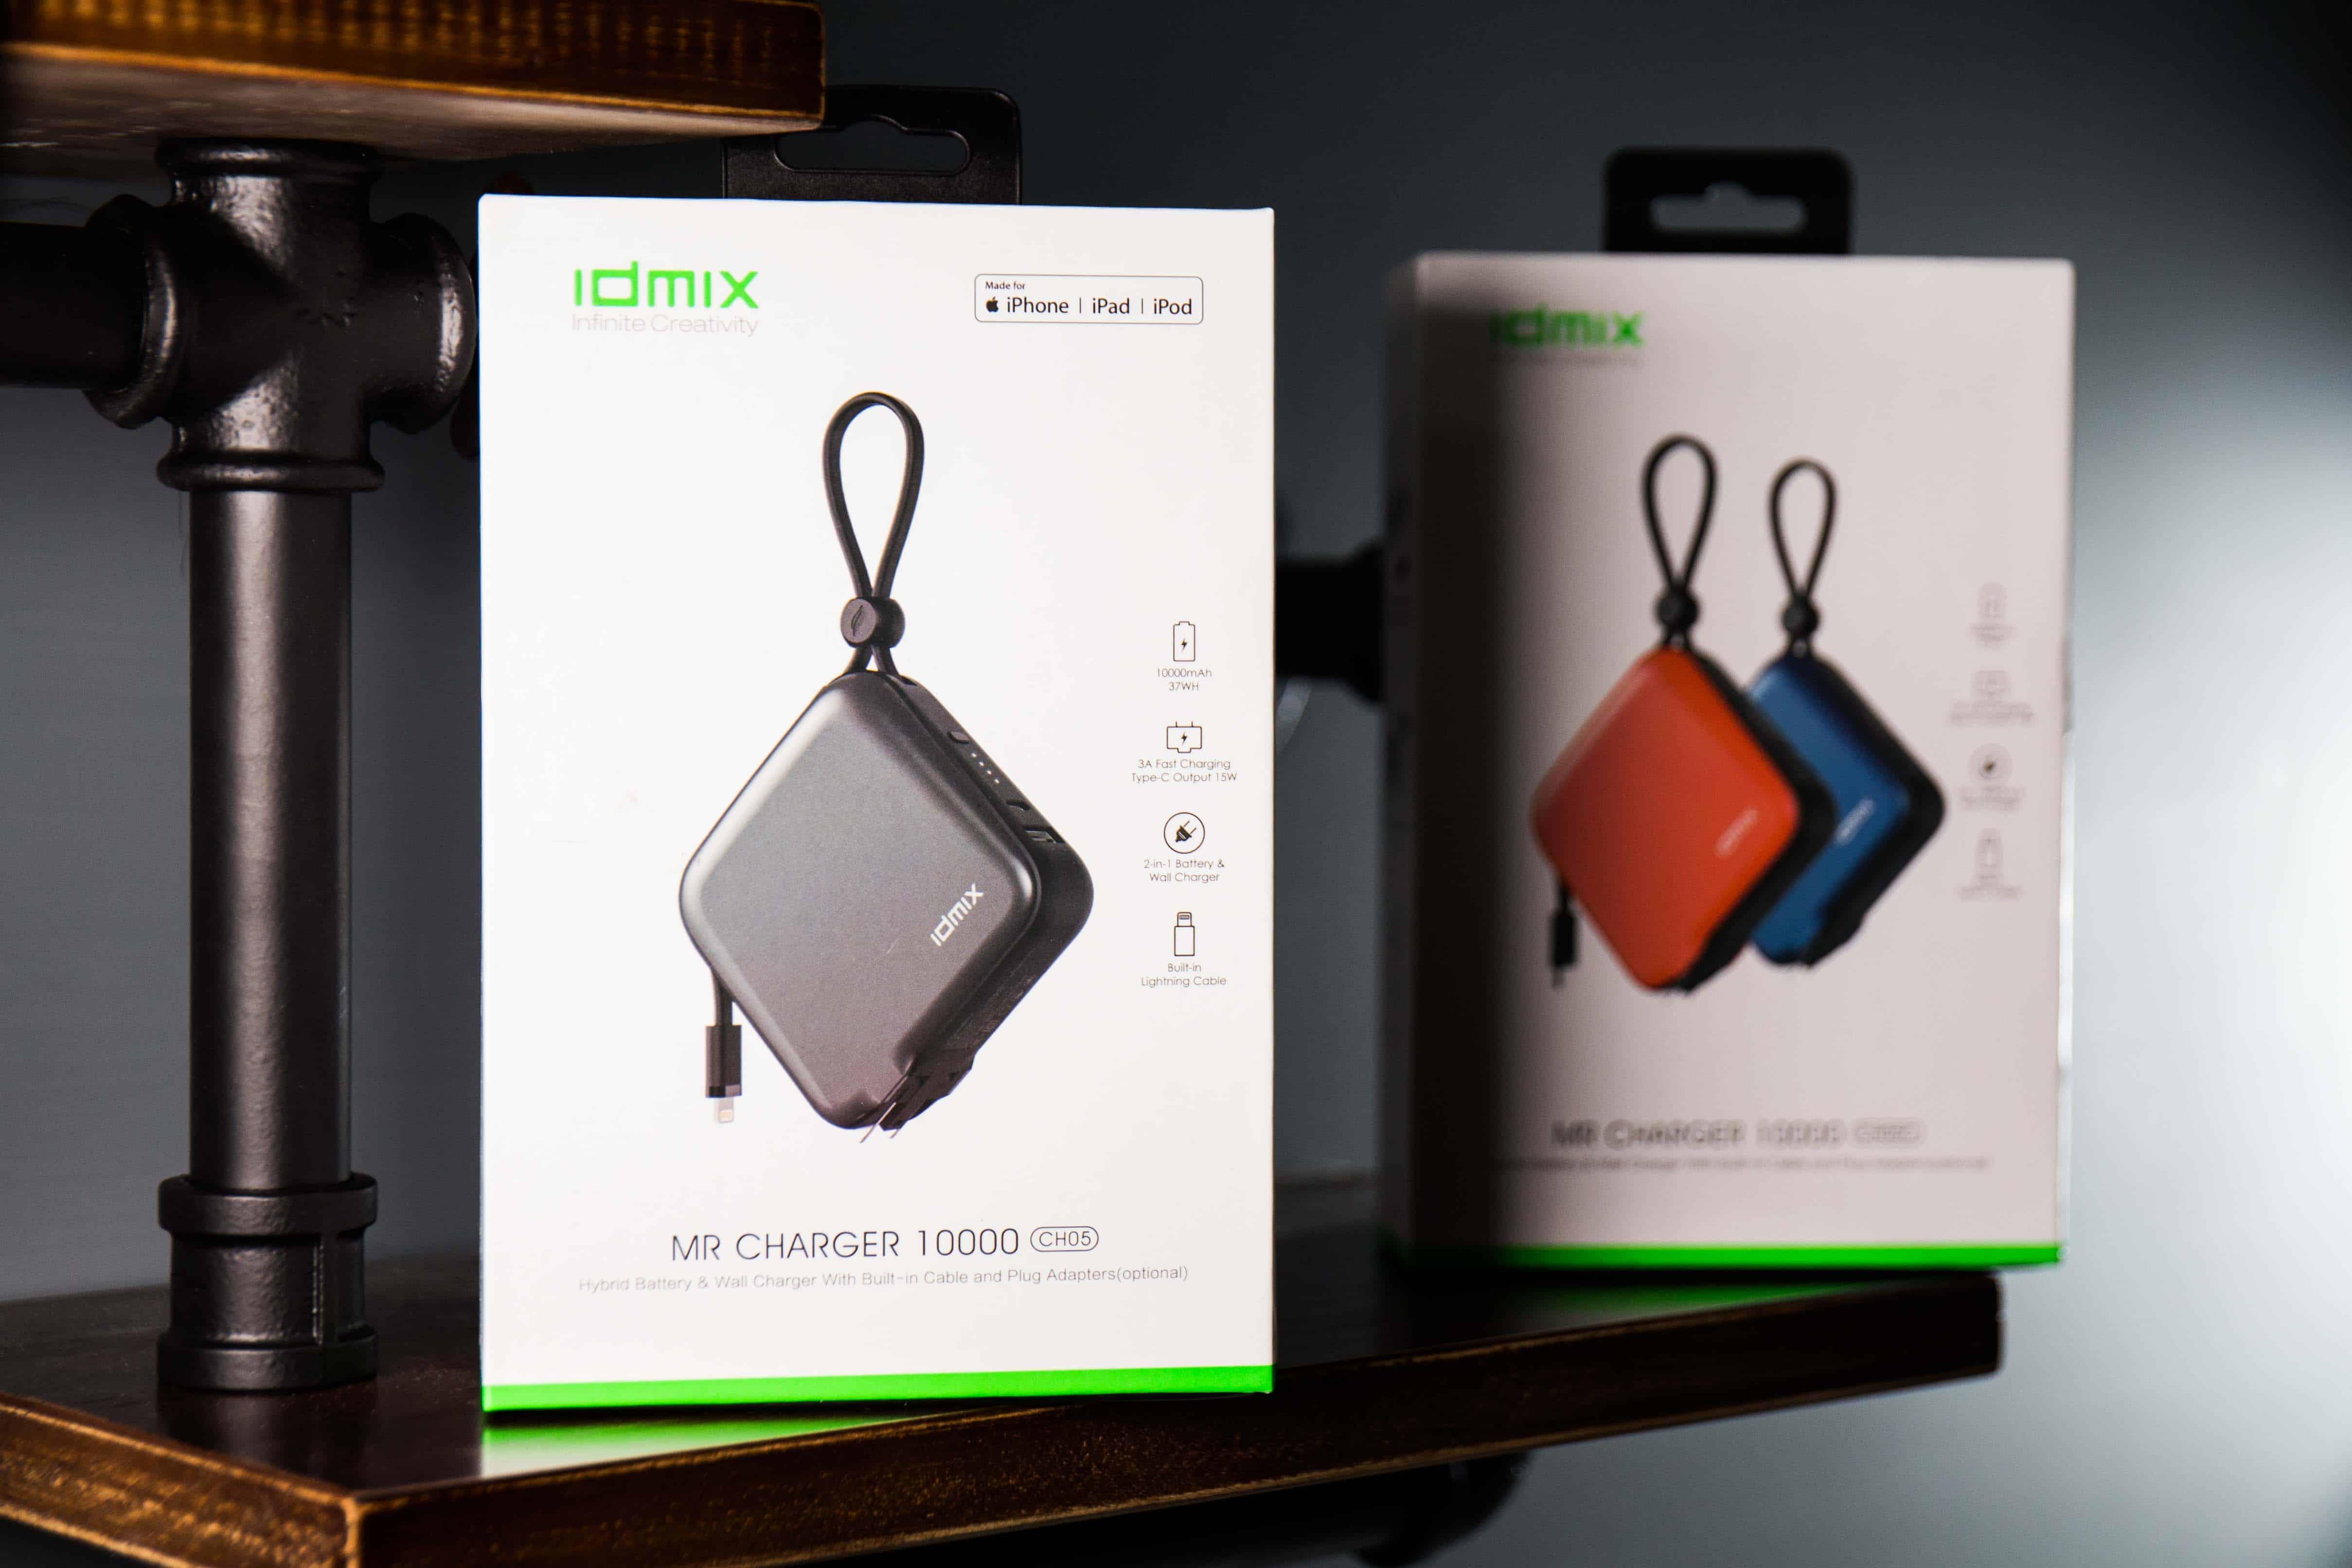 熱門iPhone行動電源推薦!IDMIX MR CHARGER 10000(CH05) Type-C及Lightning充電線雙版本